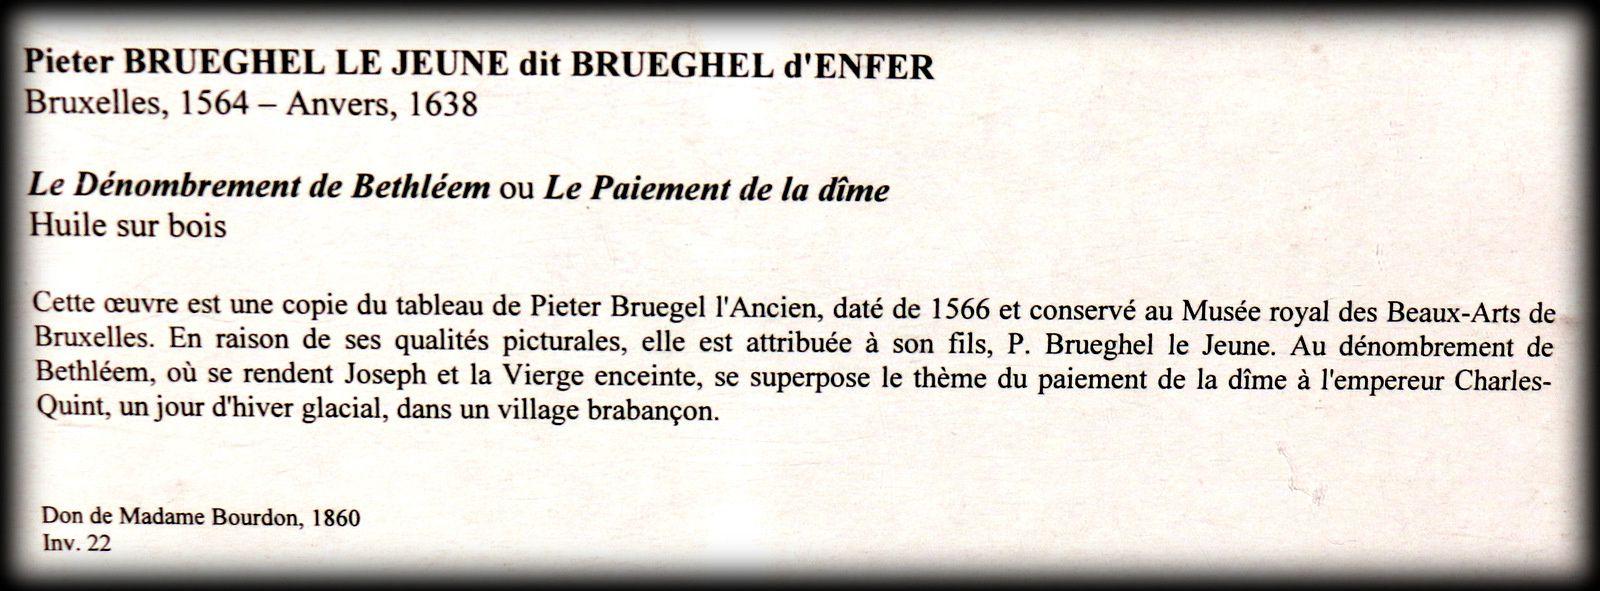 Le dénombrement de Bethléem, huile sur bois de Pieter Brueghel Le Jeune